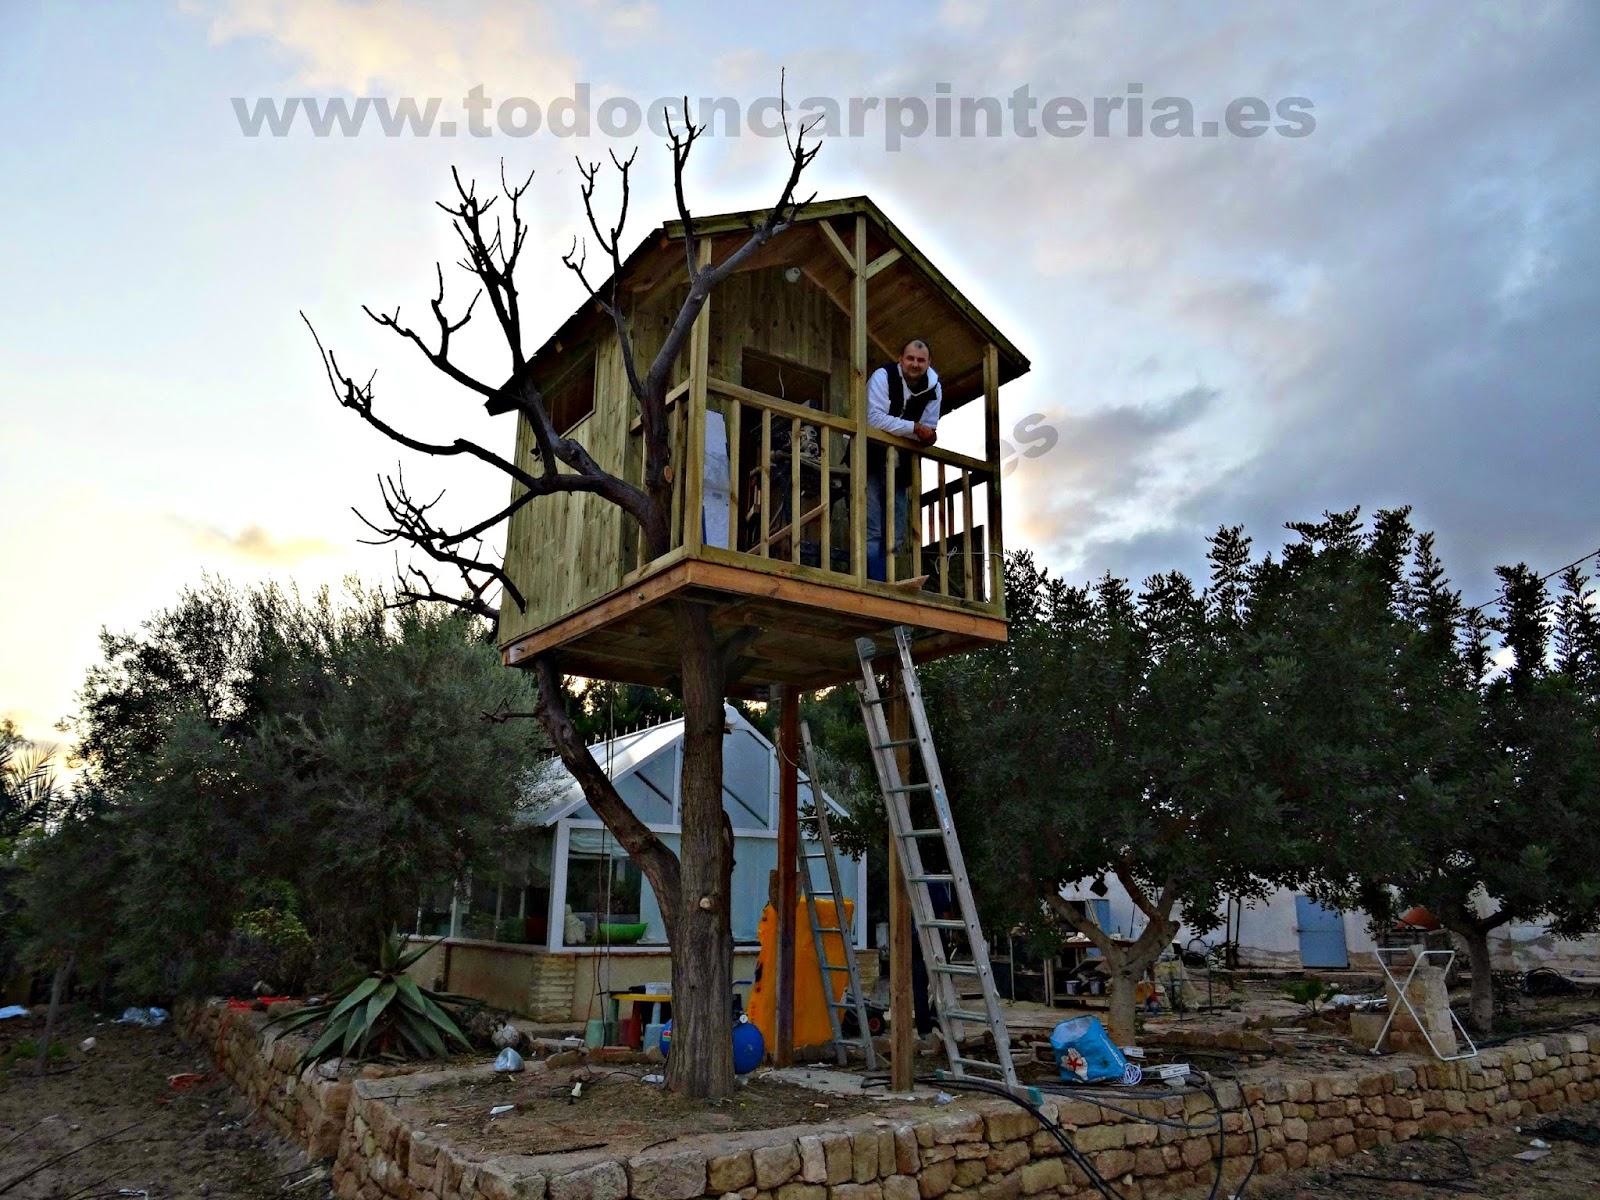 Vista general de la casa en el árbol.